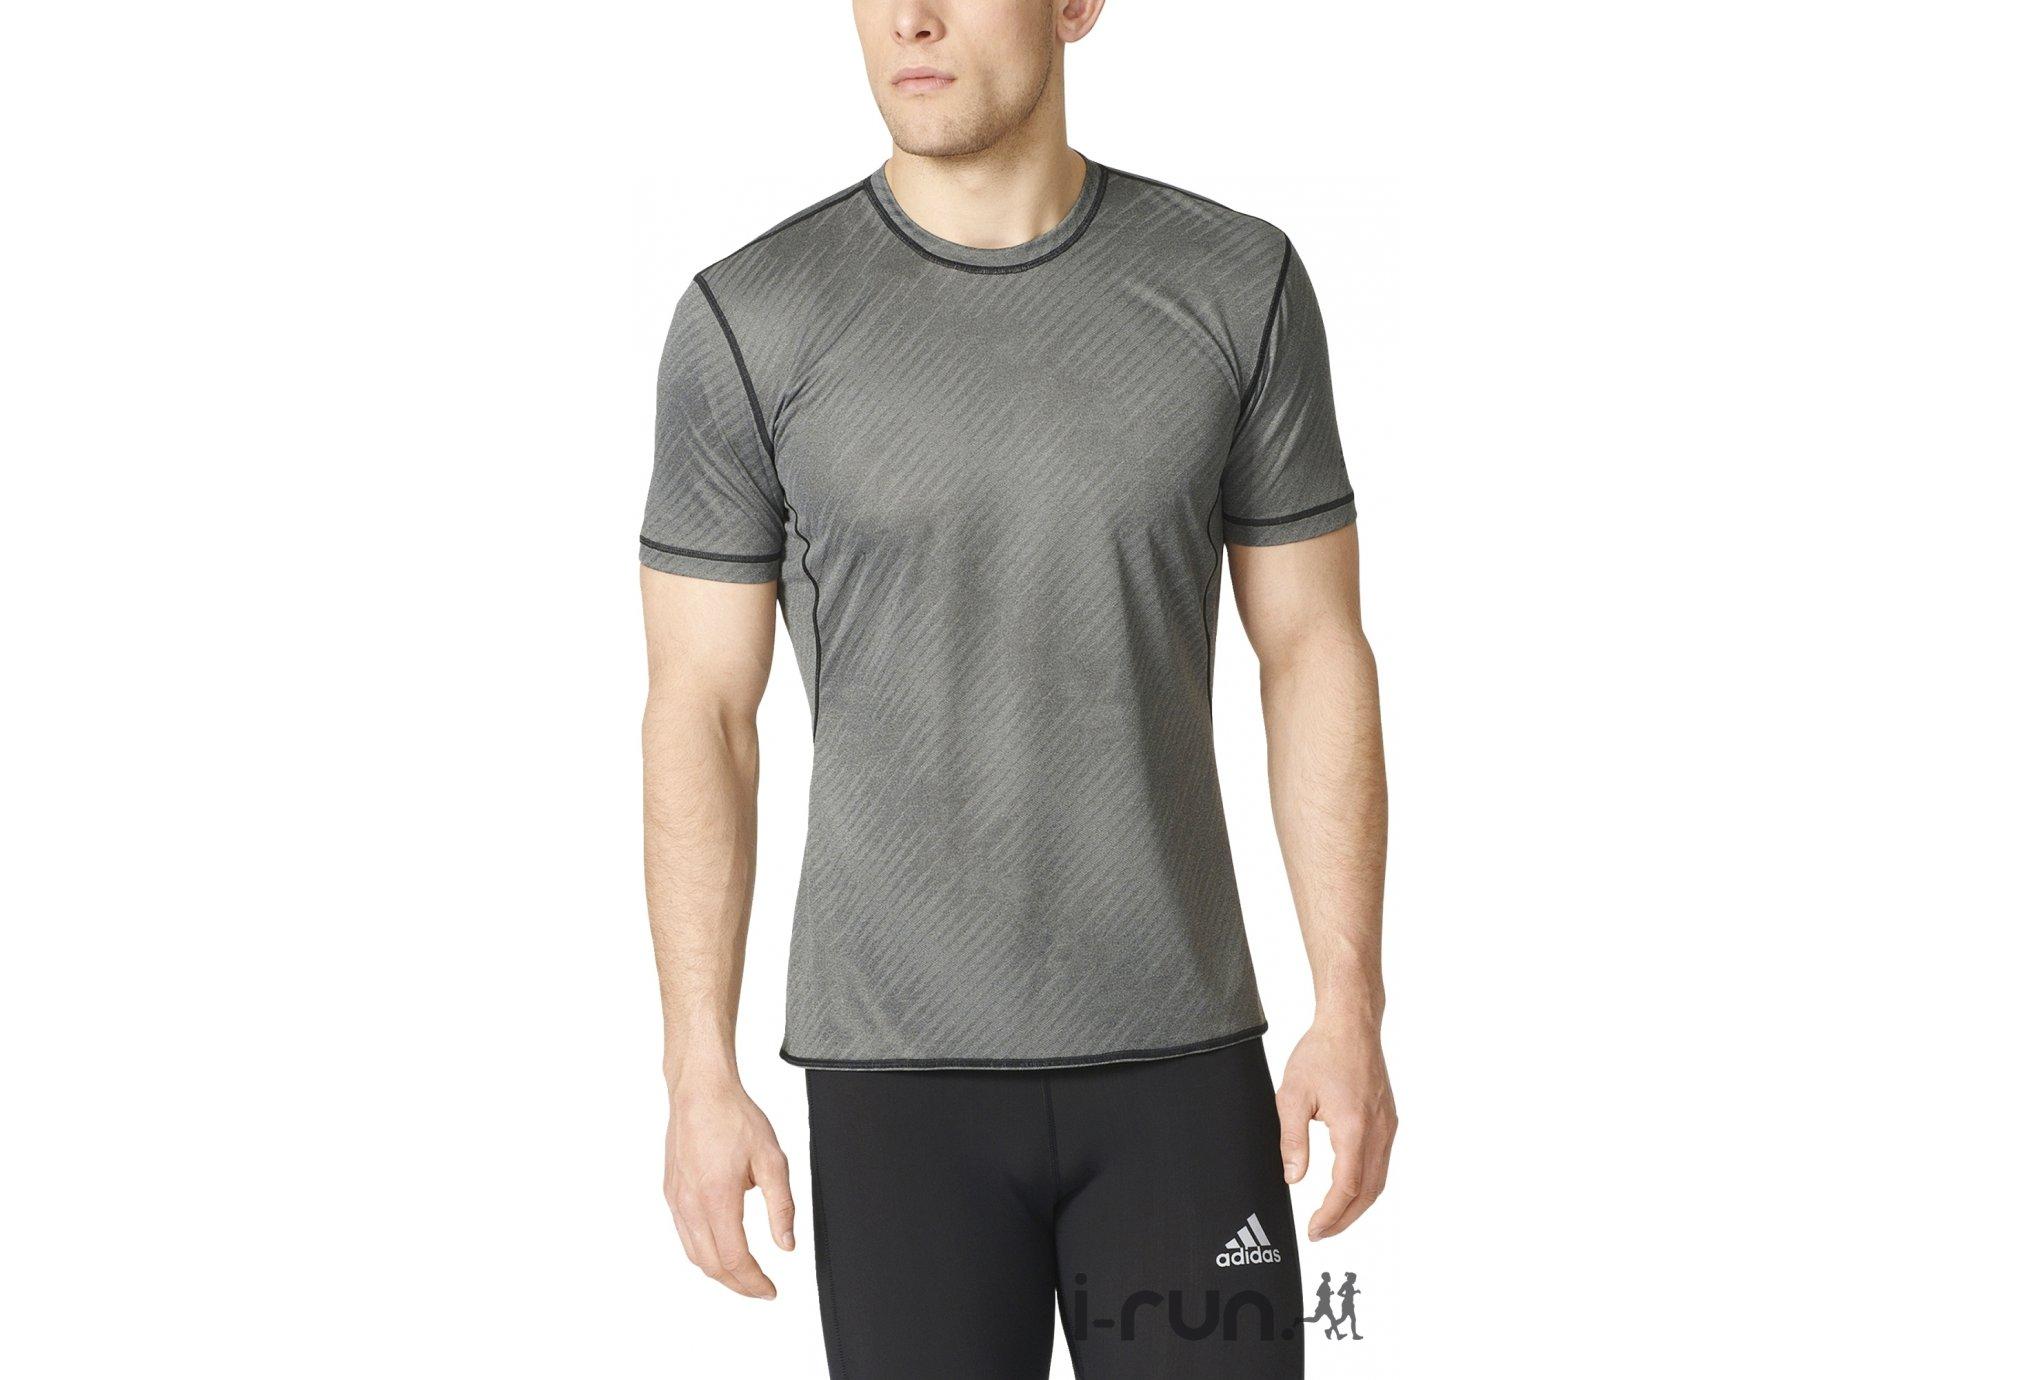 adidas Tee-shirt Kanoi Réversible M vêtement running homme